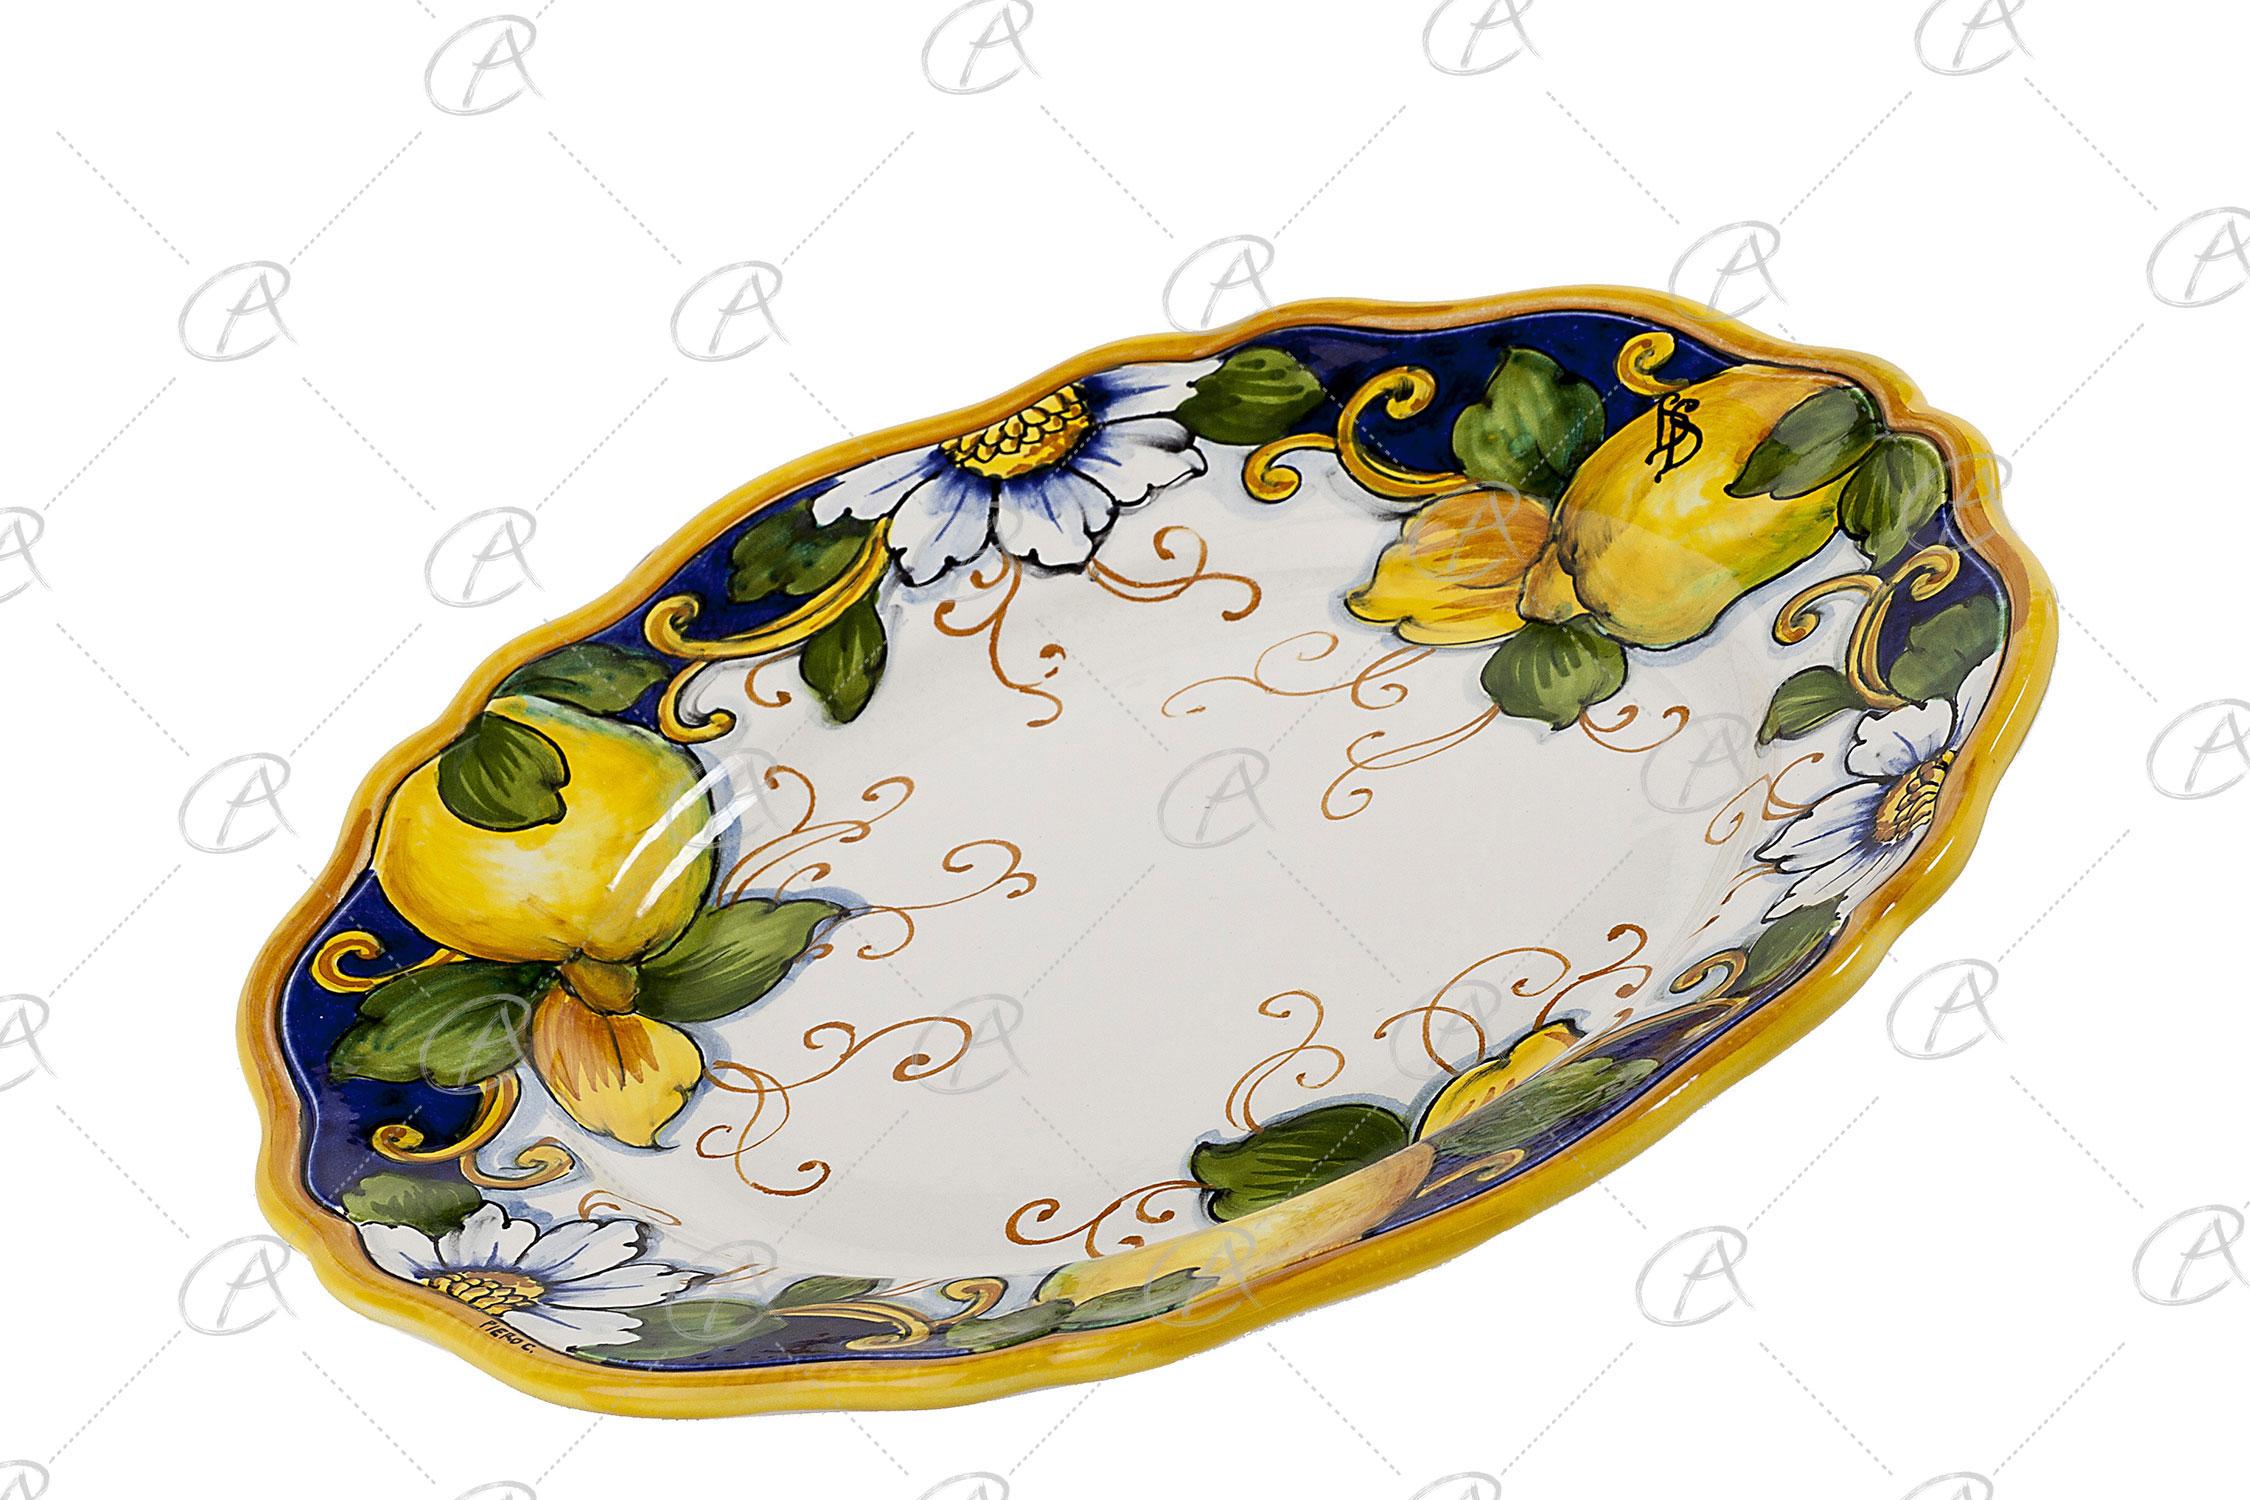 Come Appendere Piatti In Ceramica piatto da appendere tondo - l'antico ceramiche